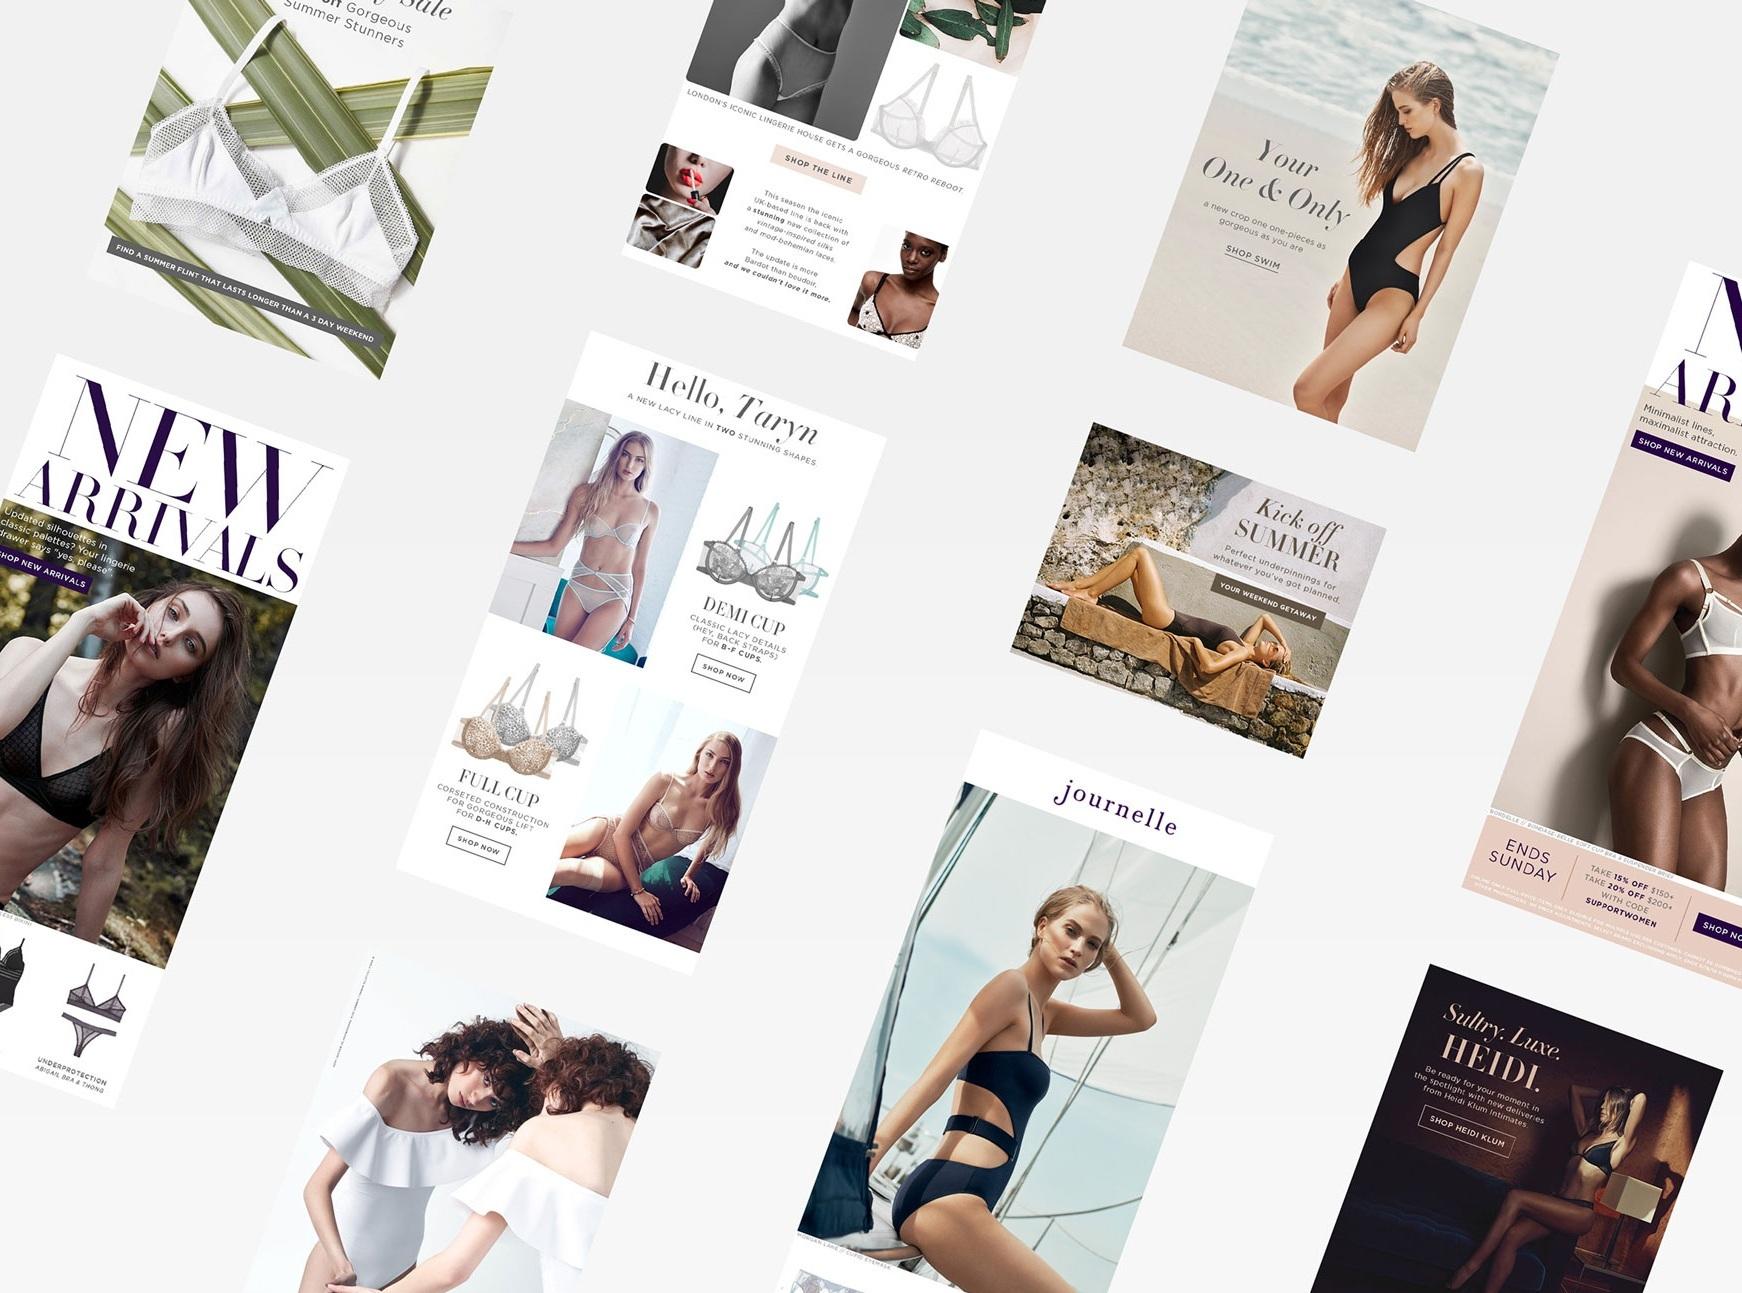 Journelle-lingerie-fashion-nyc-email-design-graphic-designer-portland-oregon.jpg